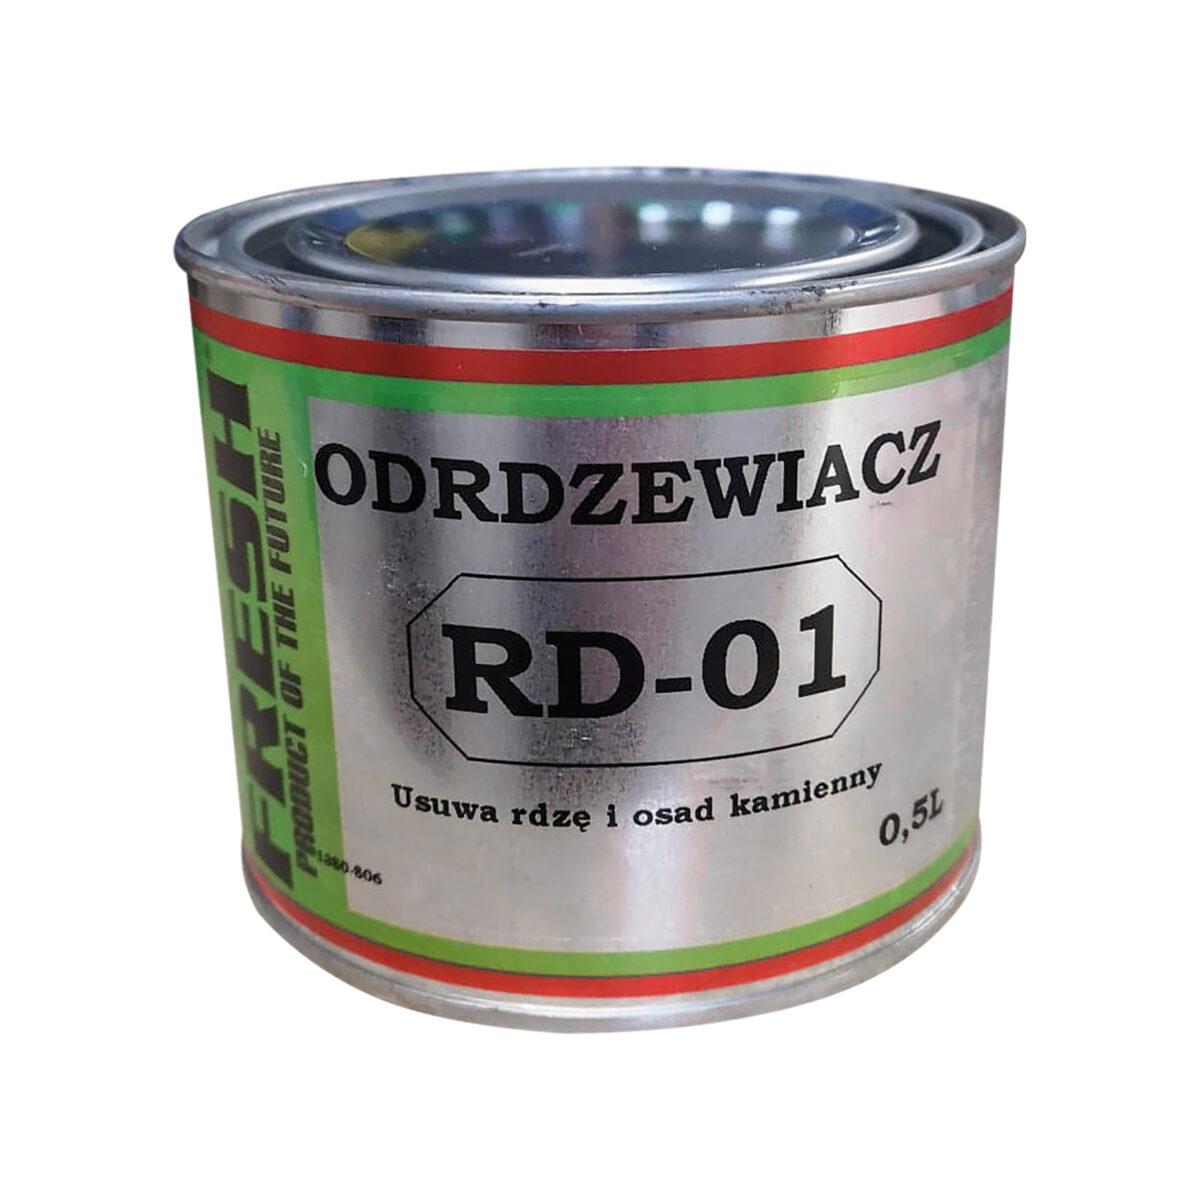 FRESH Odrdzewiacz RD-01 0,5L